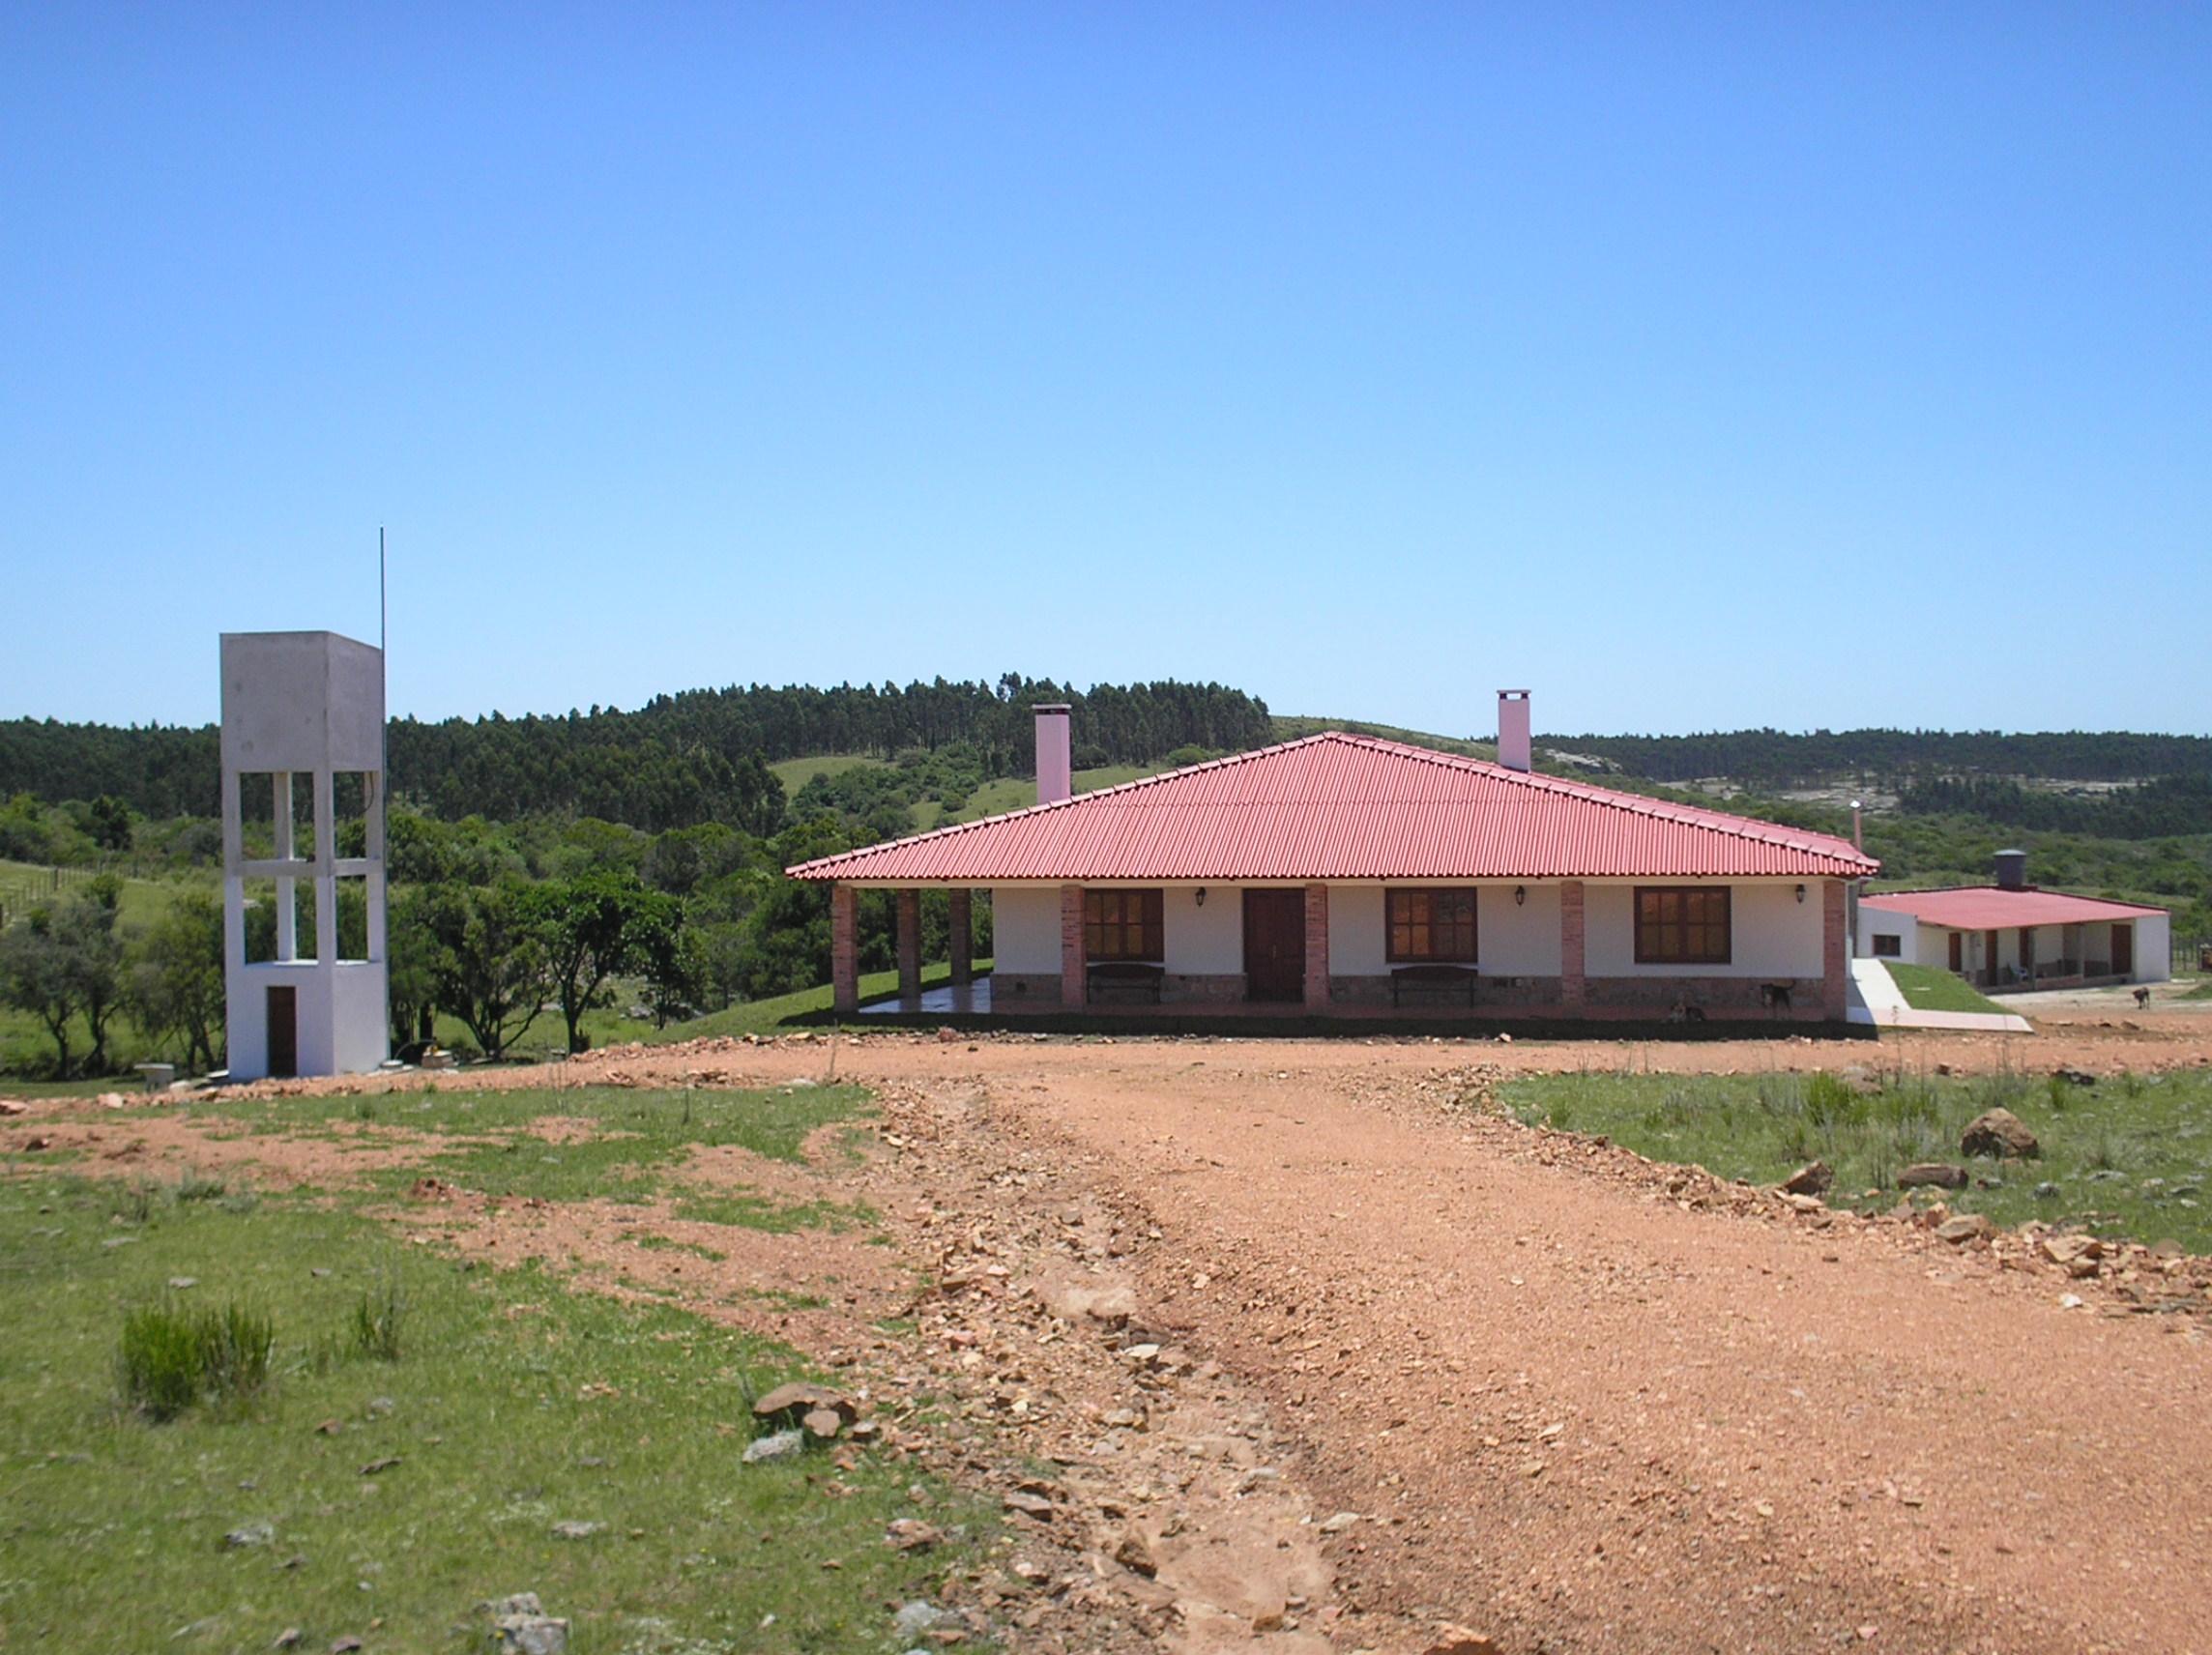 2005. Cerro de las cuentas